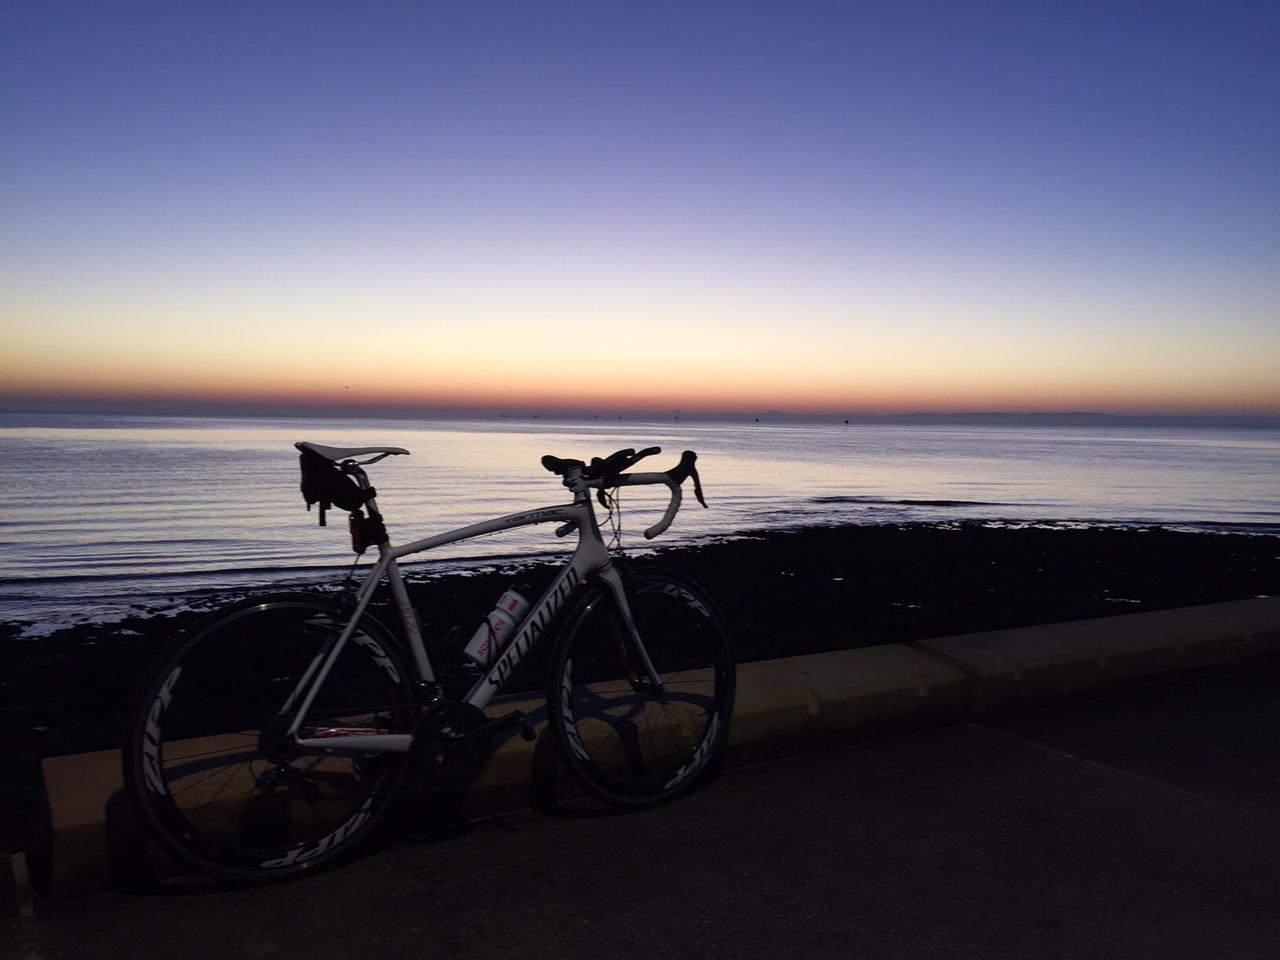 Triathlon Cycle Training